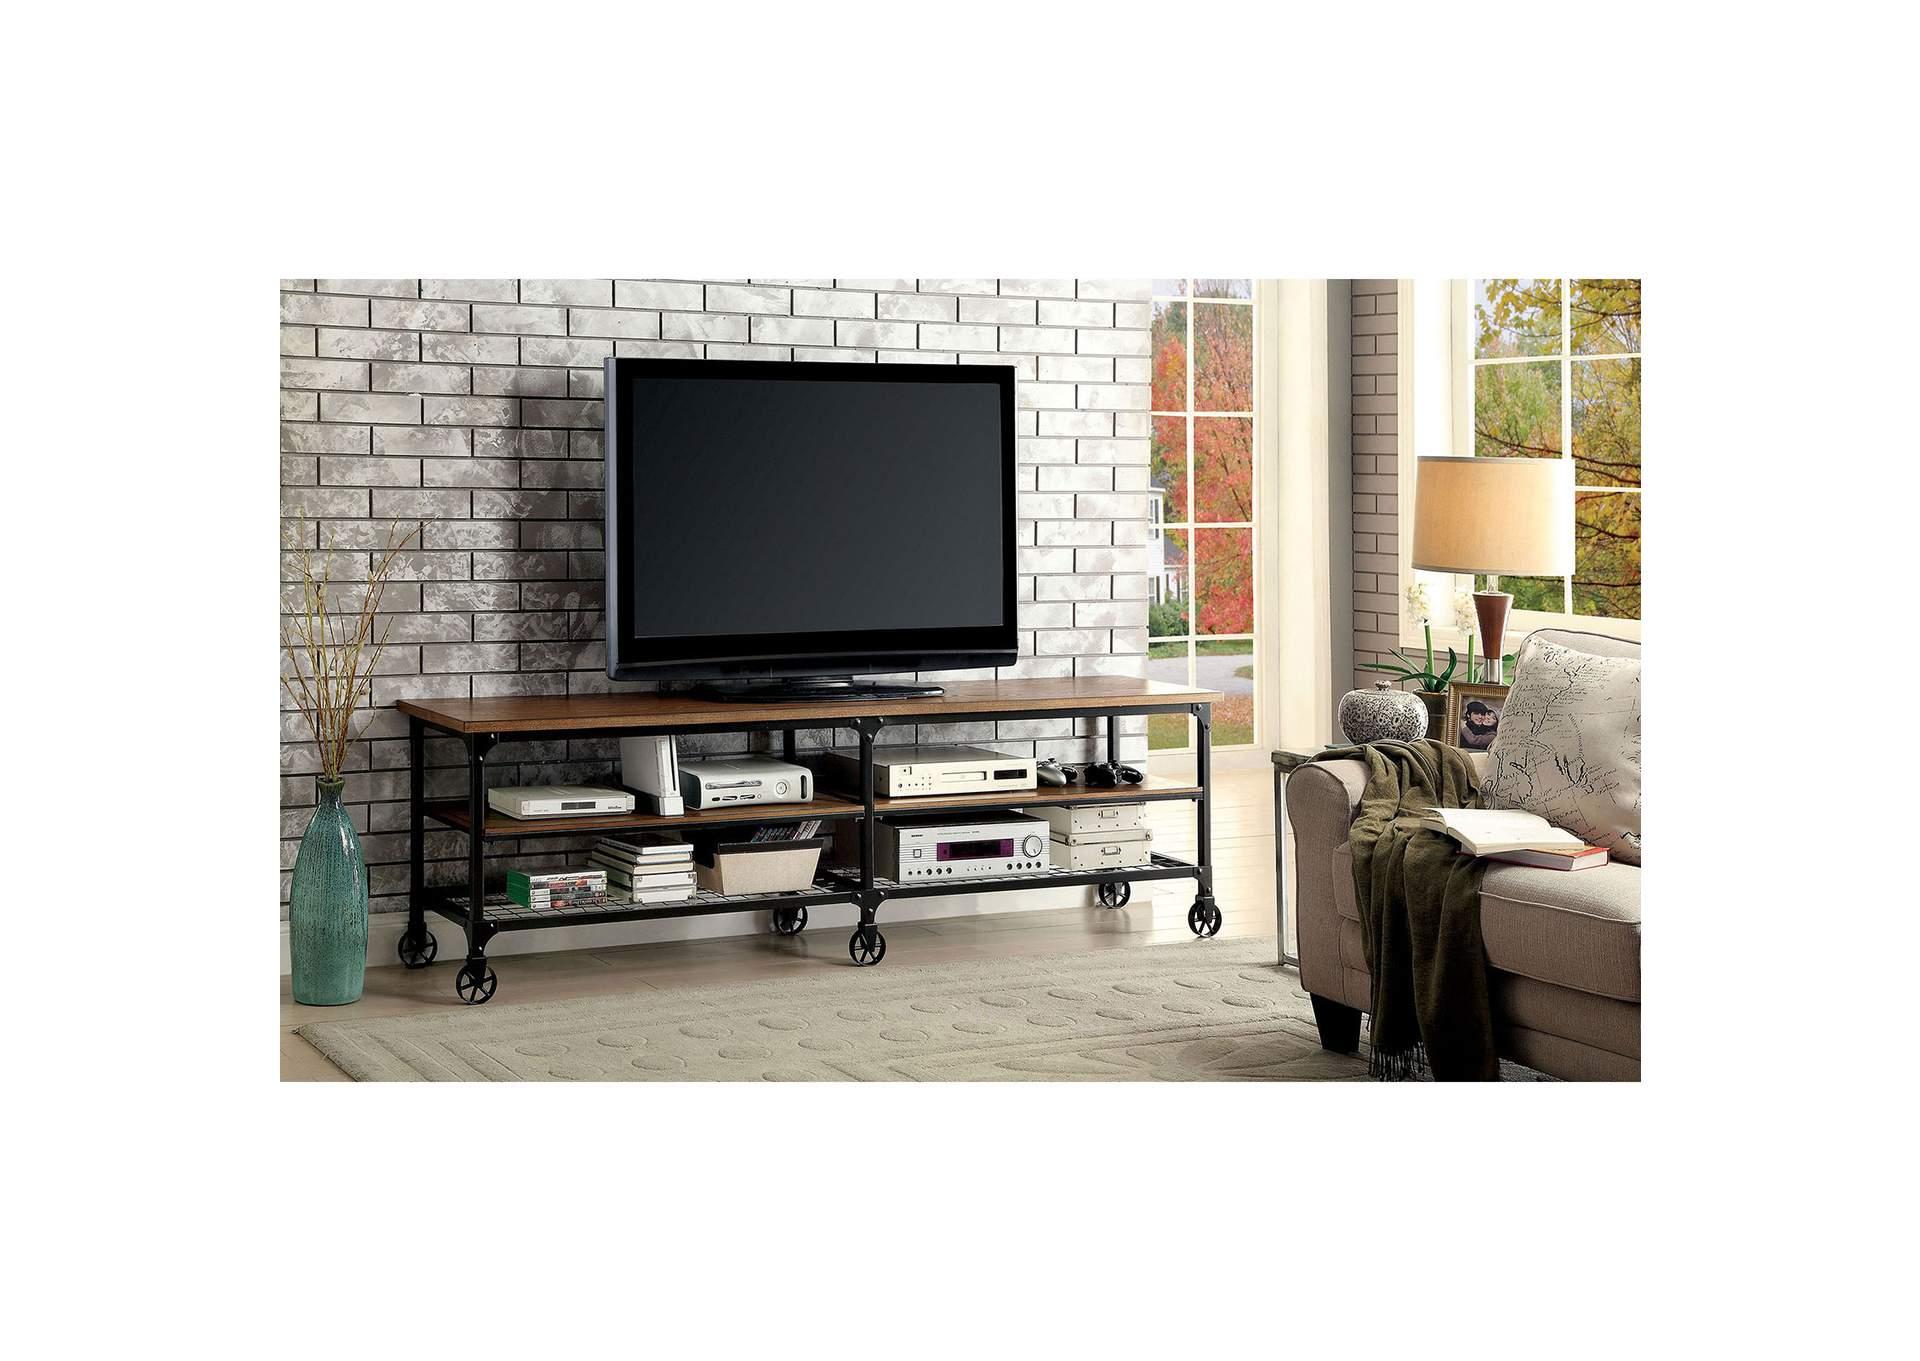 Ventura Ll 72u0027 Oak TV Console W/Casters,Furniture Of America